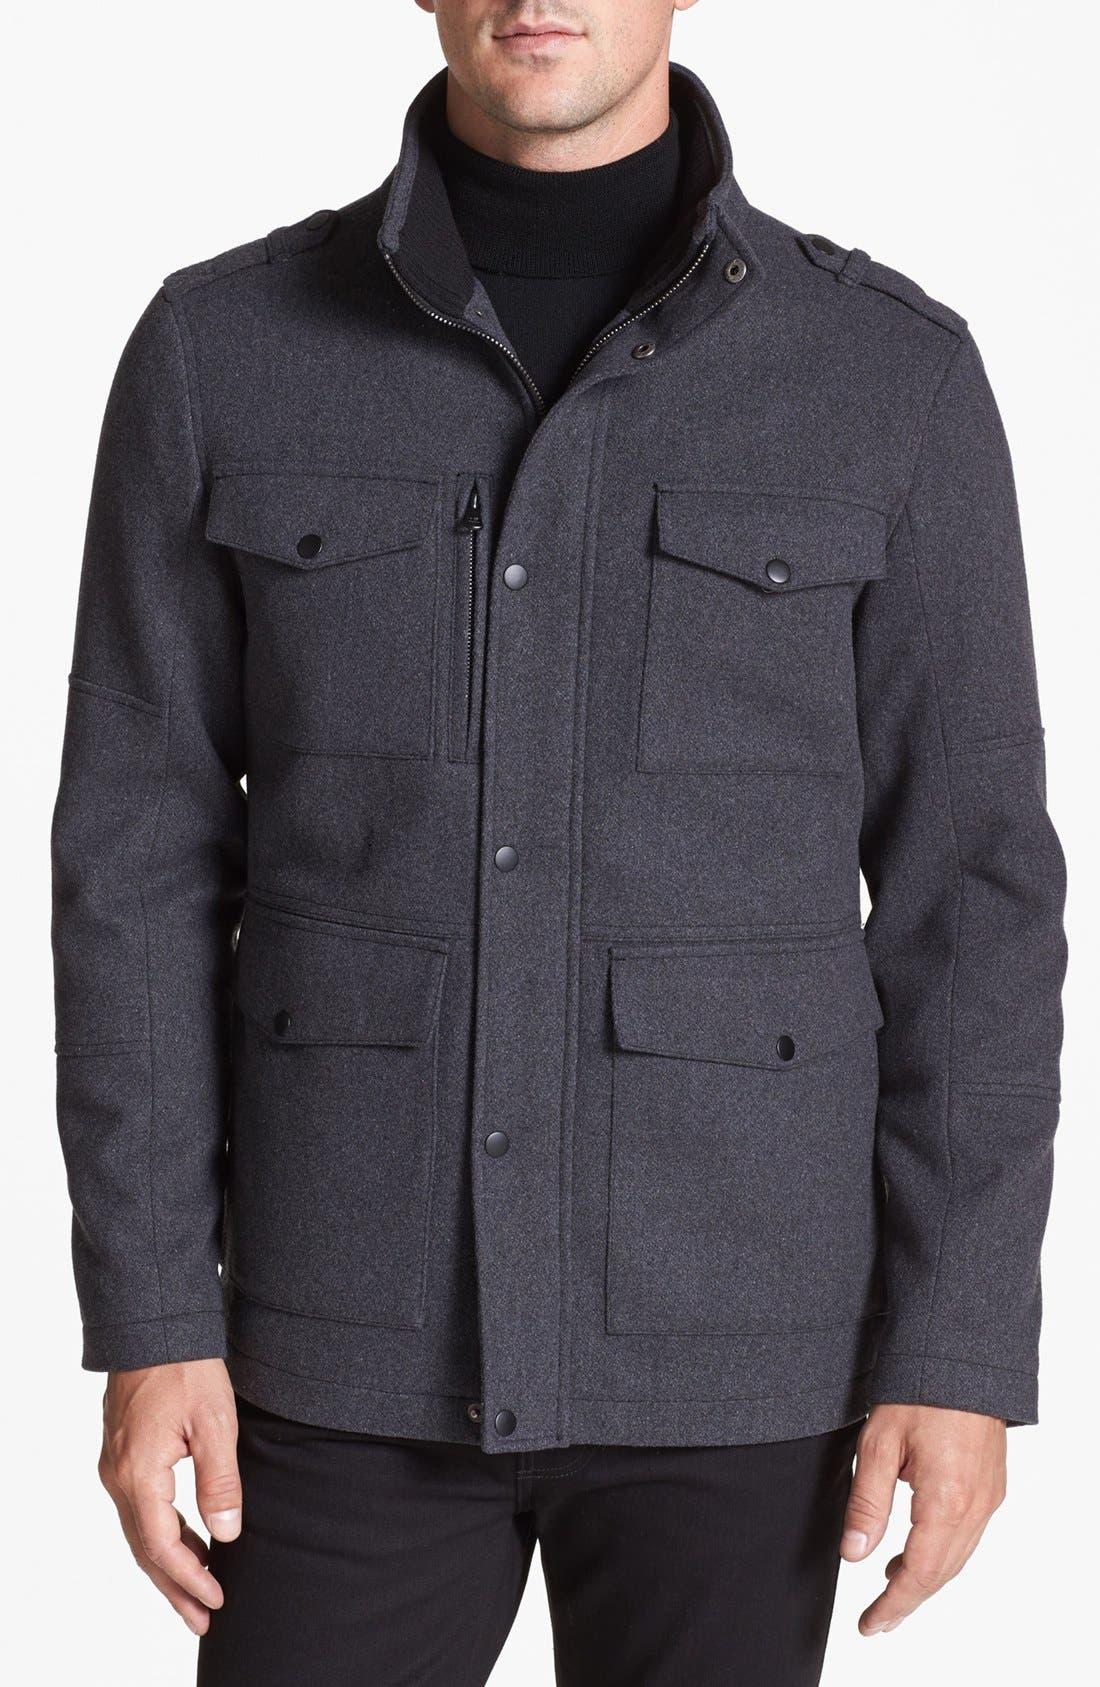 Alternate Image 1 Selected - Kenneth Cole New York 'Melton' Jacket